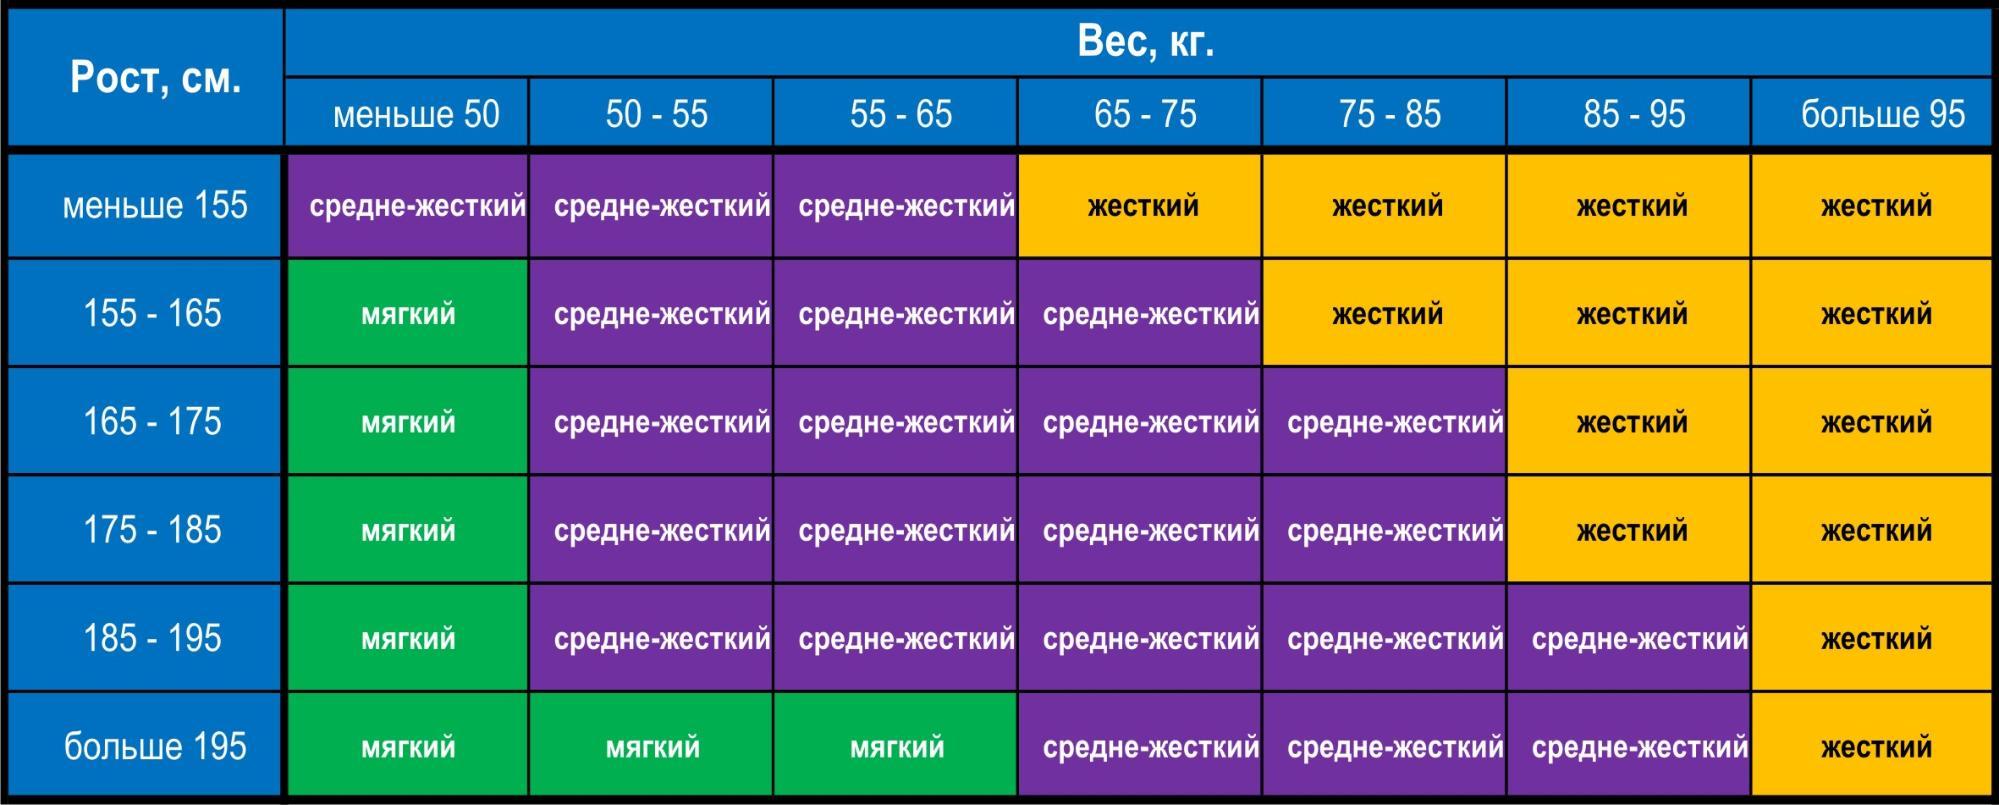 Таблица выбора жесткости в зависимости от веса и роста